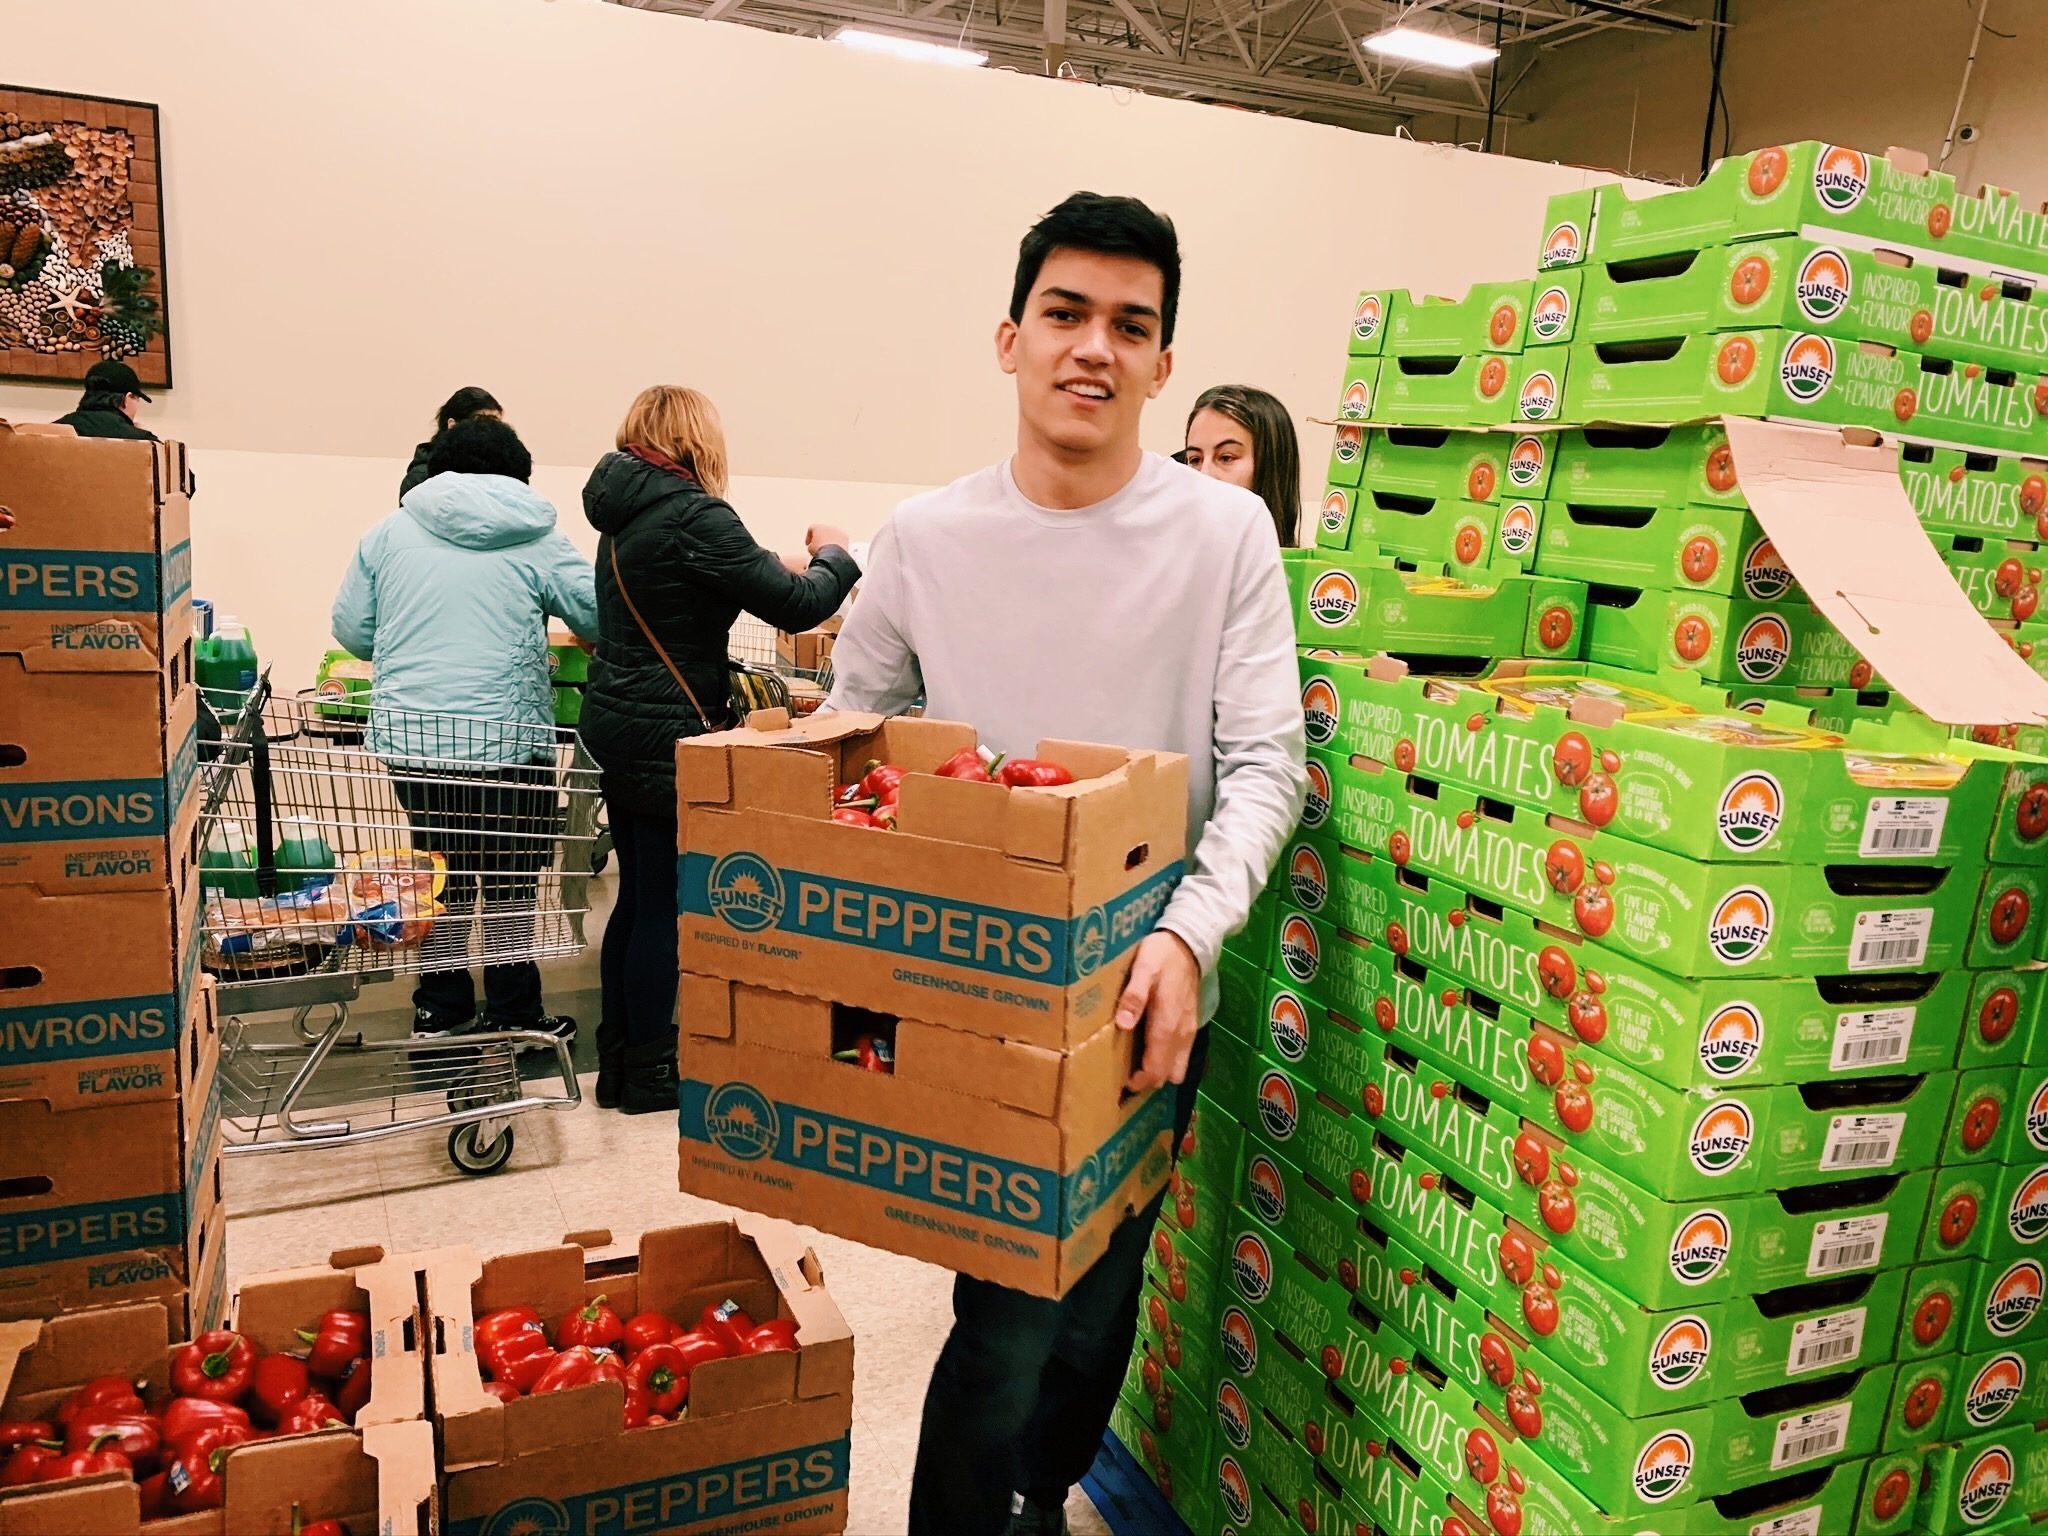 Nelnet Interns Share Their Passion for Volunteering